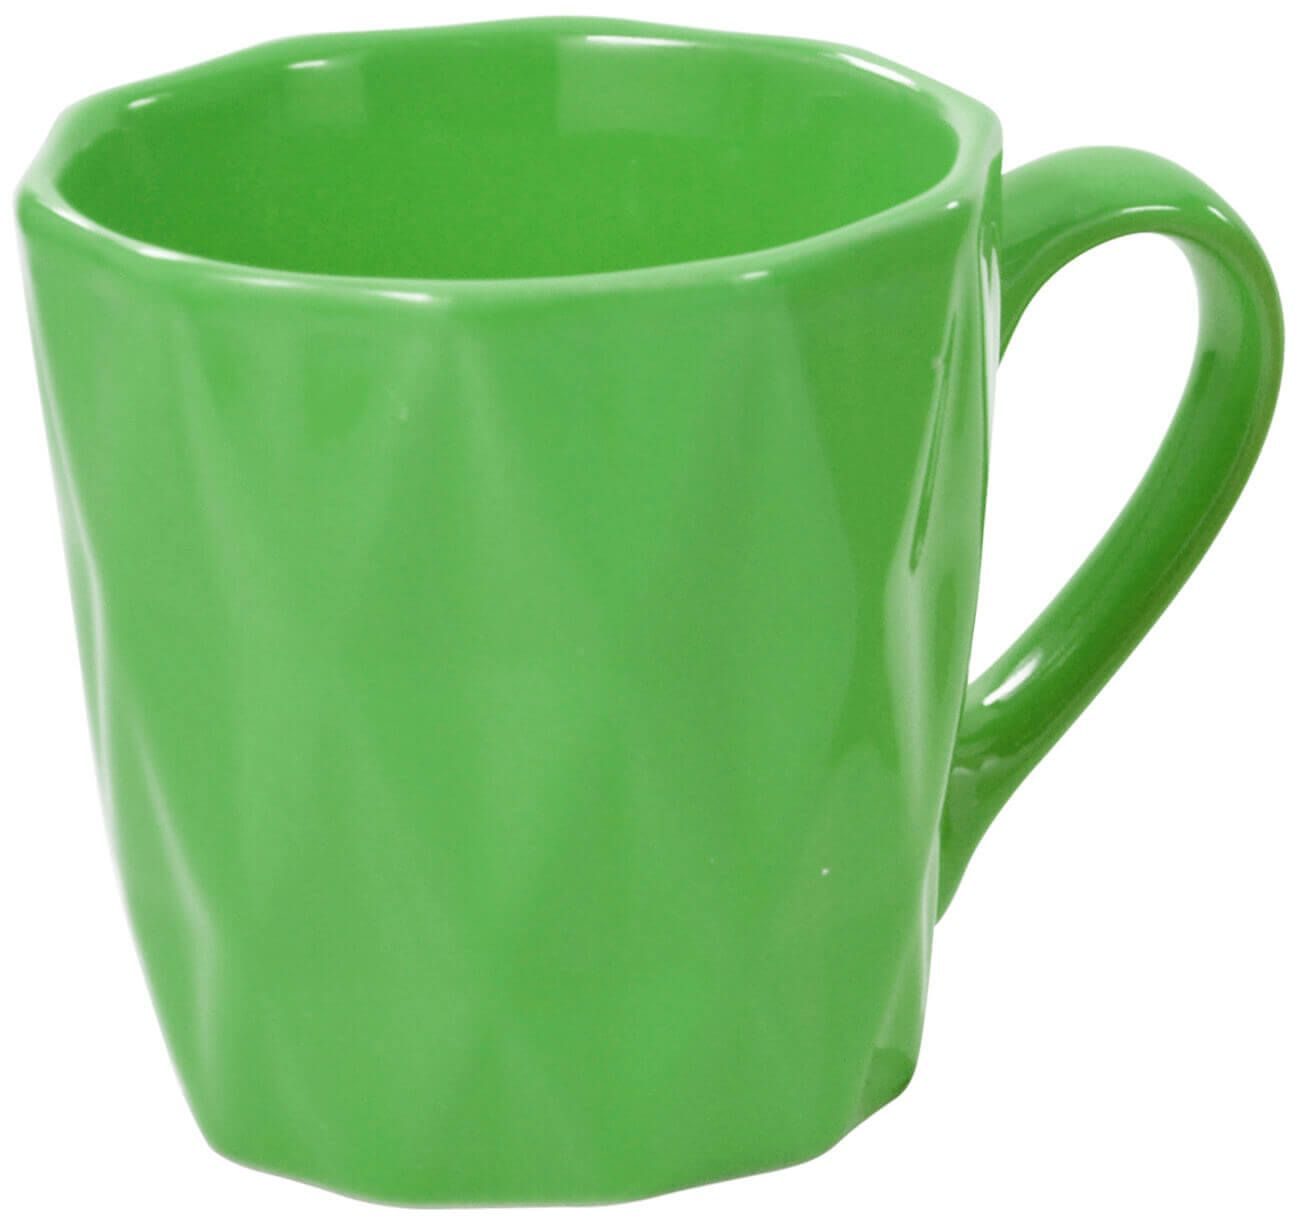 Jogo 4 Xícaras de Café Coloridas Linha Colors 190ml